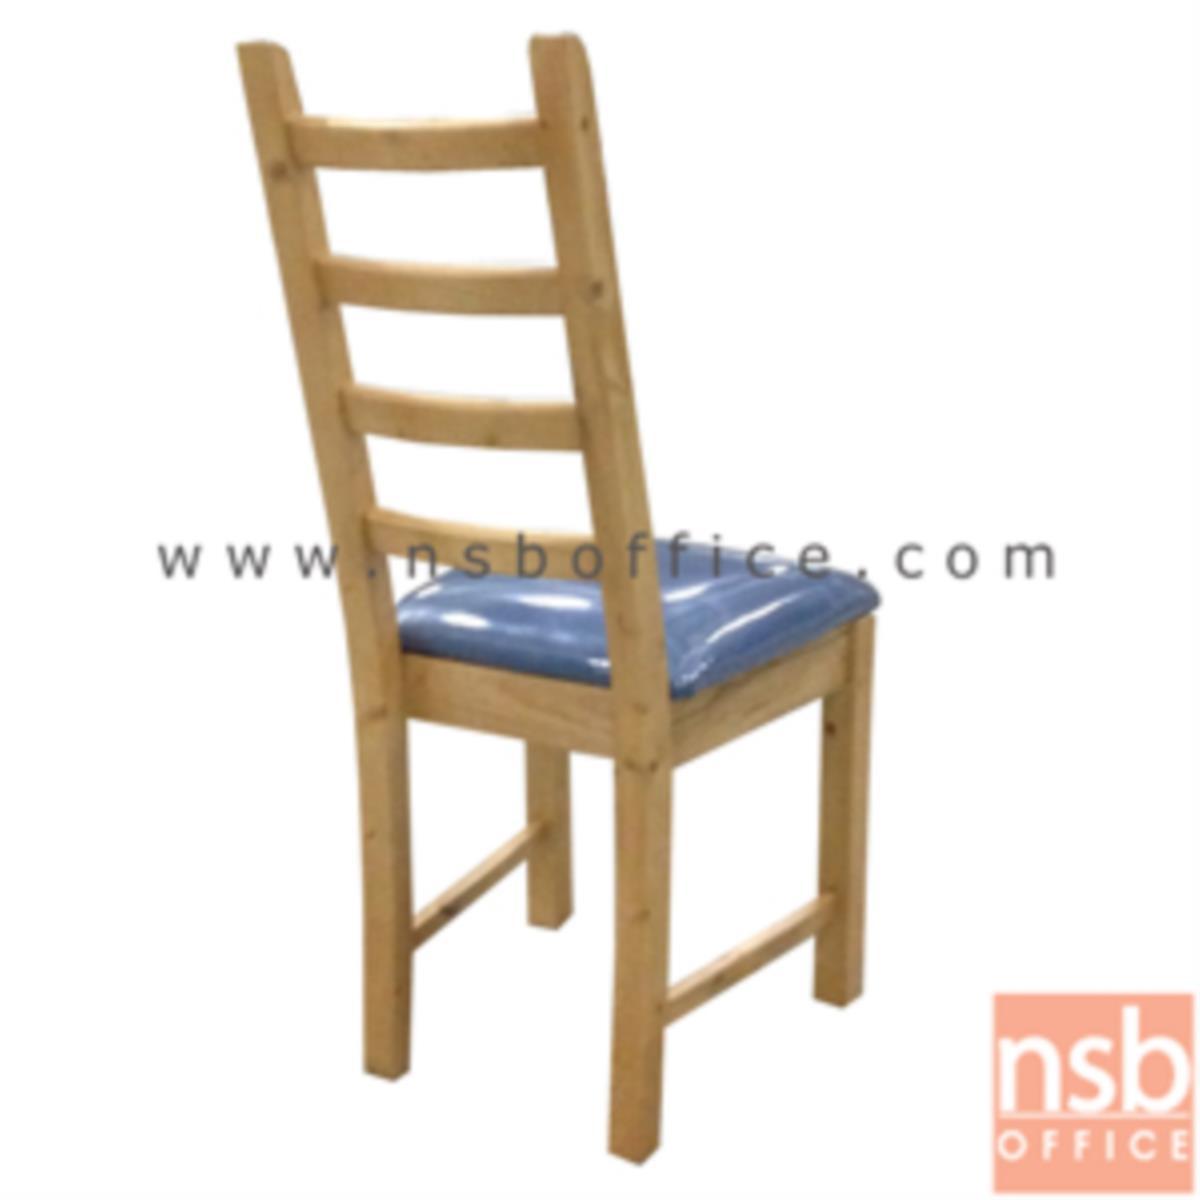 เก้าอี้ไม้ยางพาราหรือเก้าอี้ไม้นิวซีแลนด์ที่นั่งหุ้มหนังเทียม รุ่น Klara (คลาร่า) ขาไม้